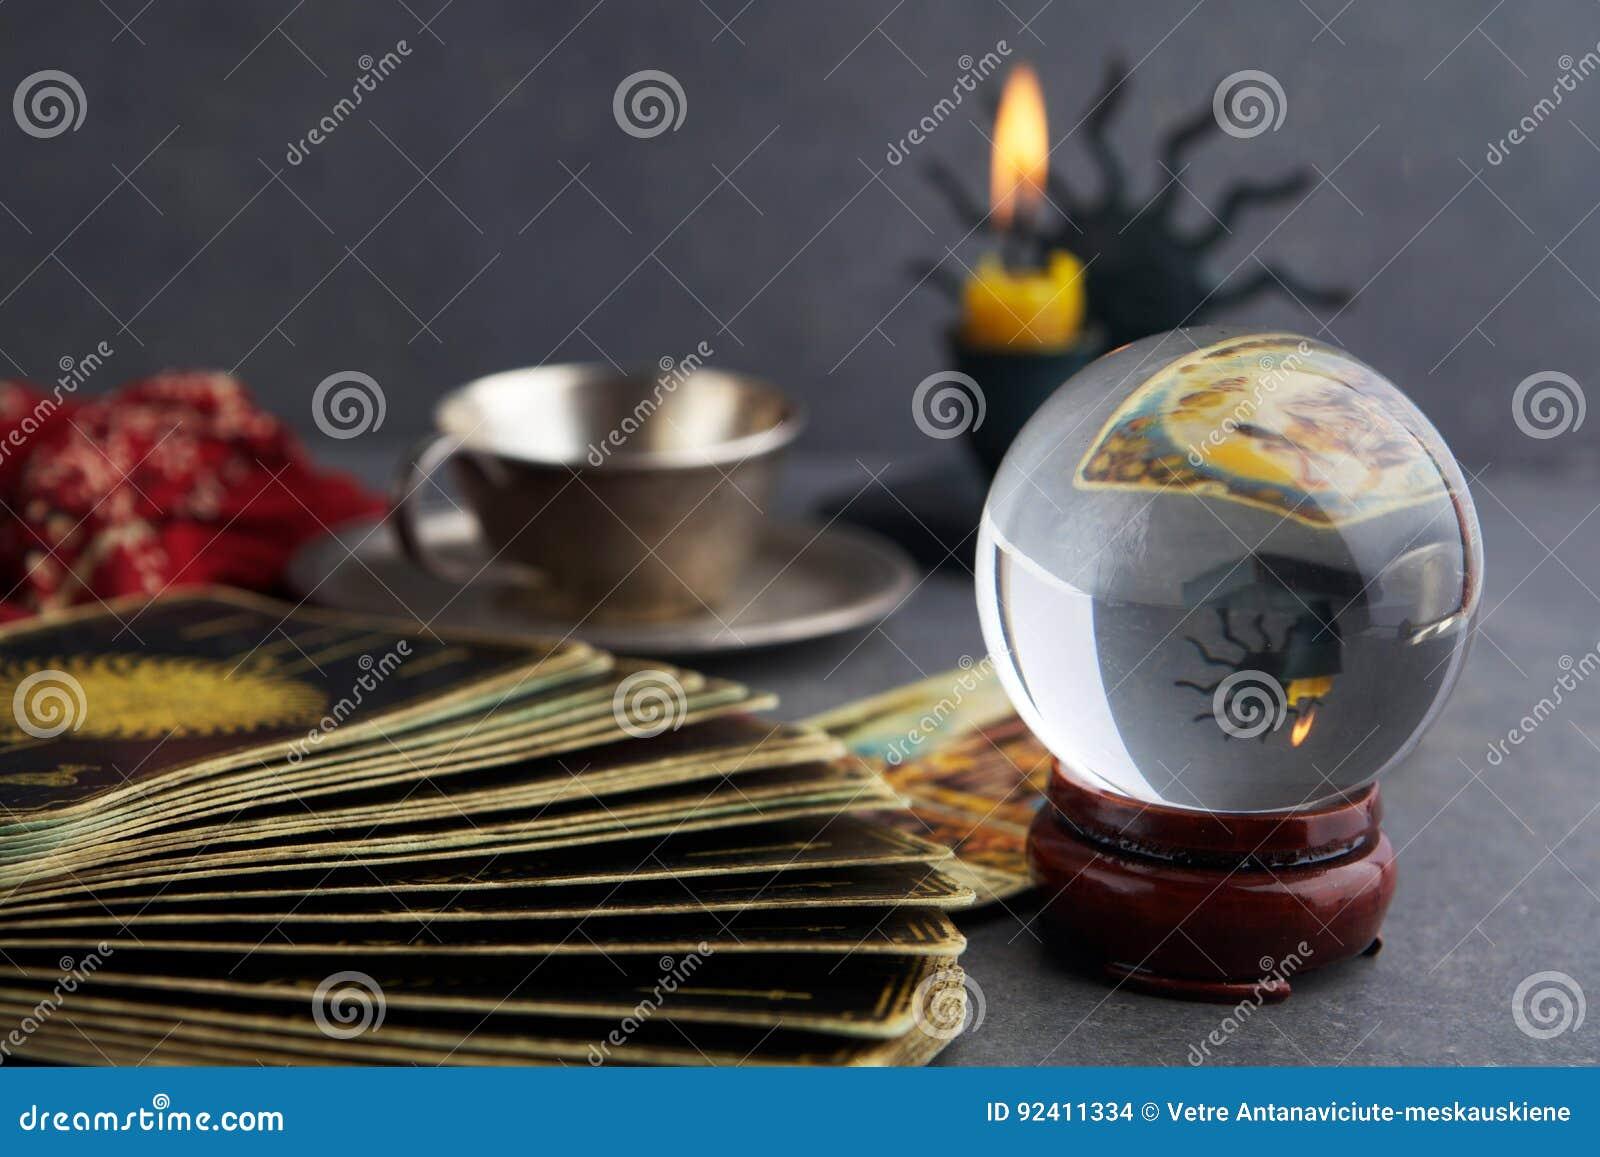 Composição de objetos esotéricos, usada para a cura e a previsão do futuro